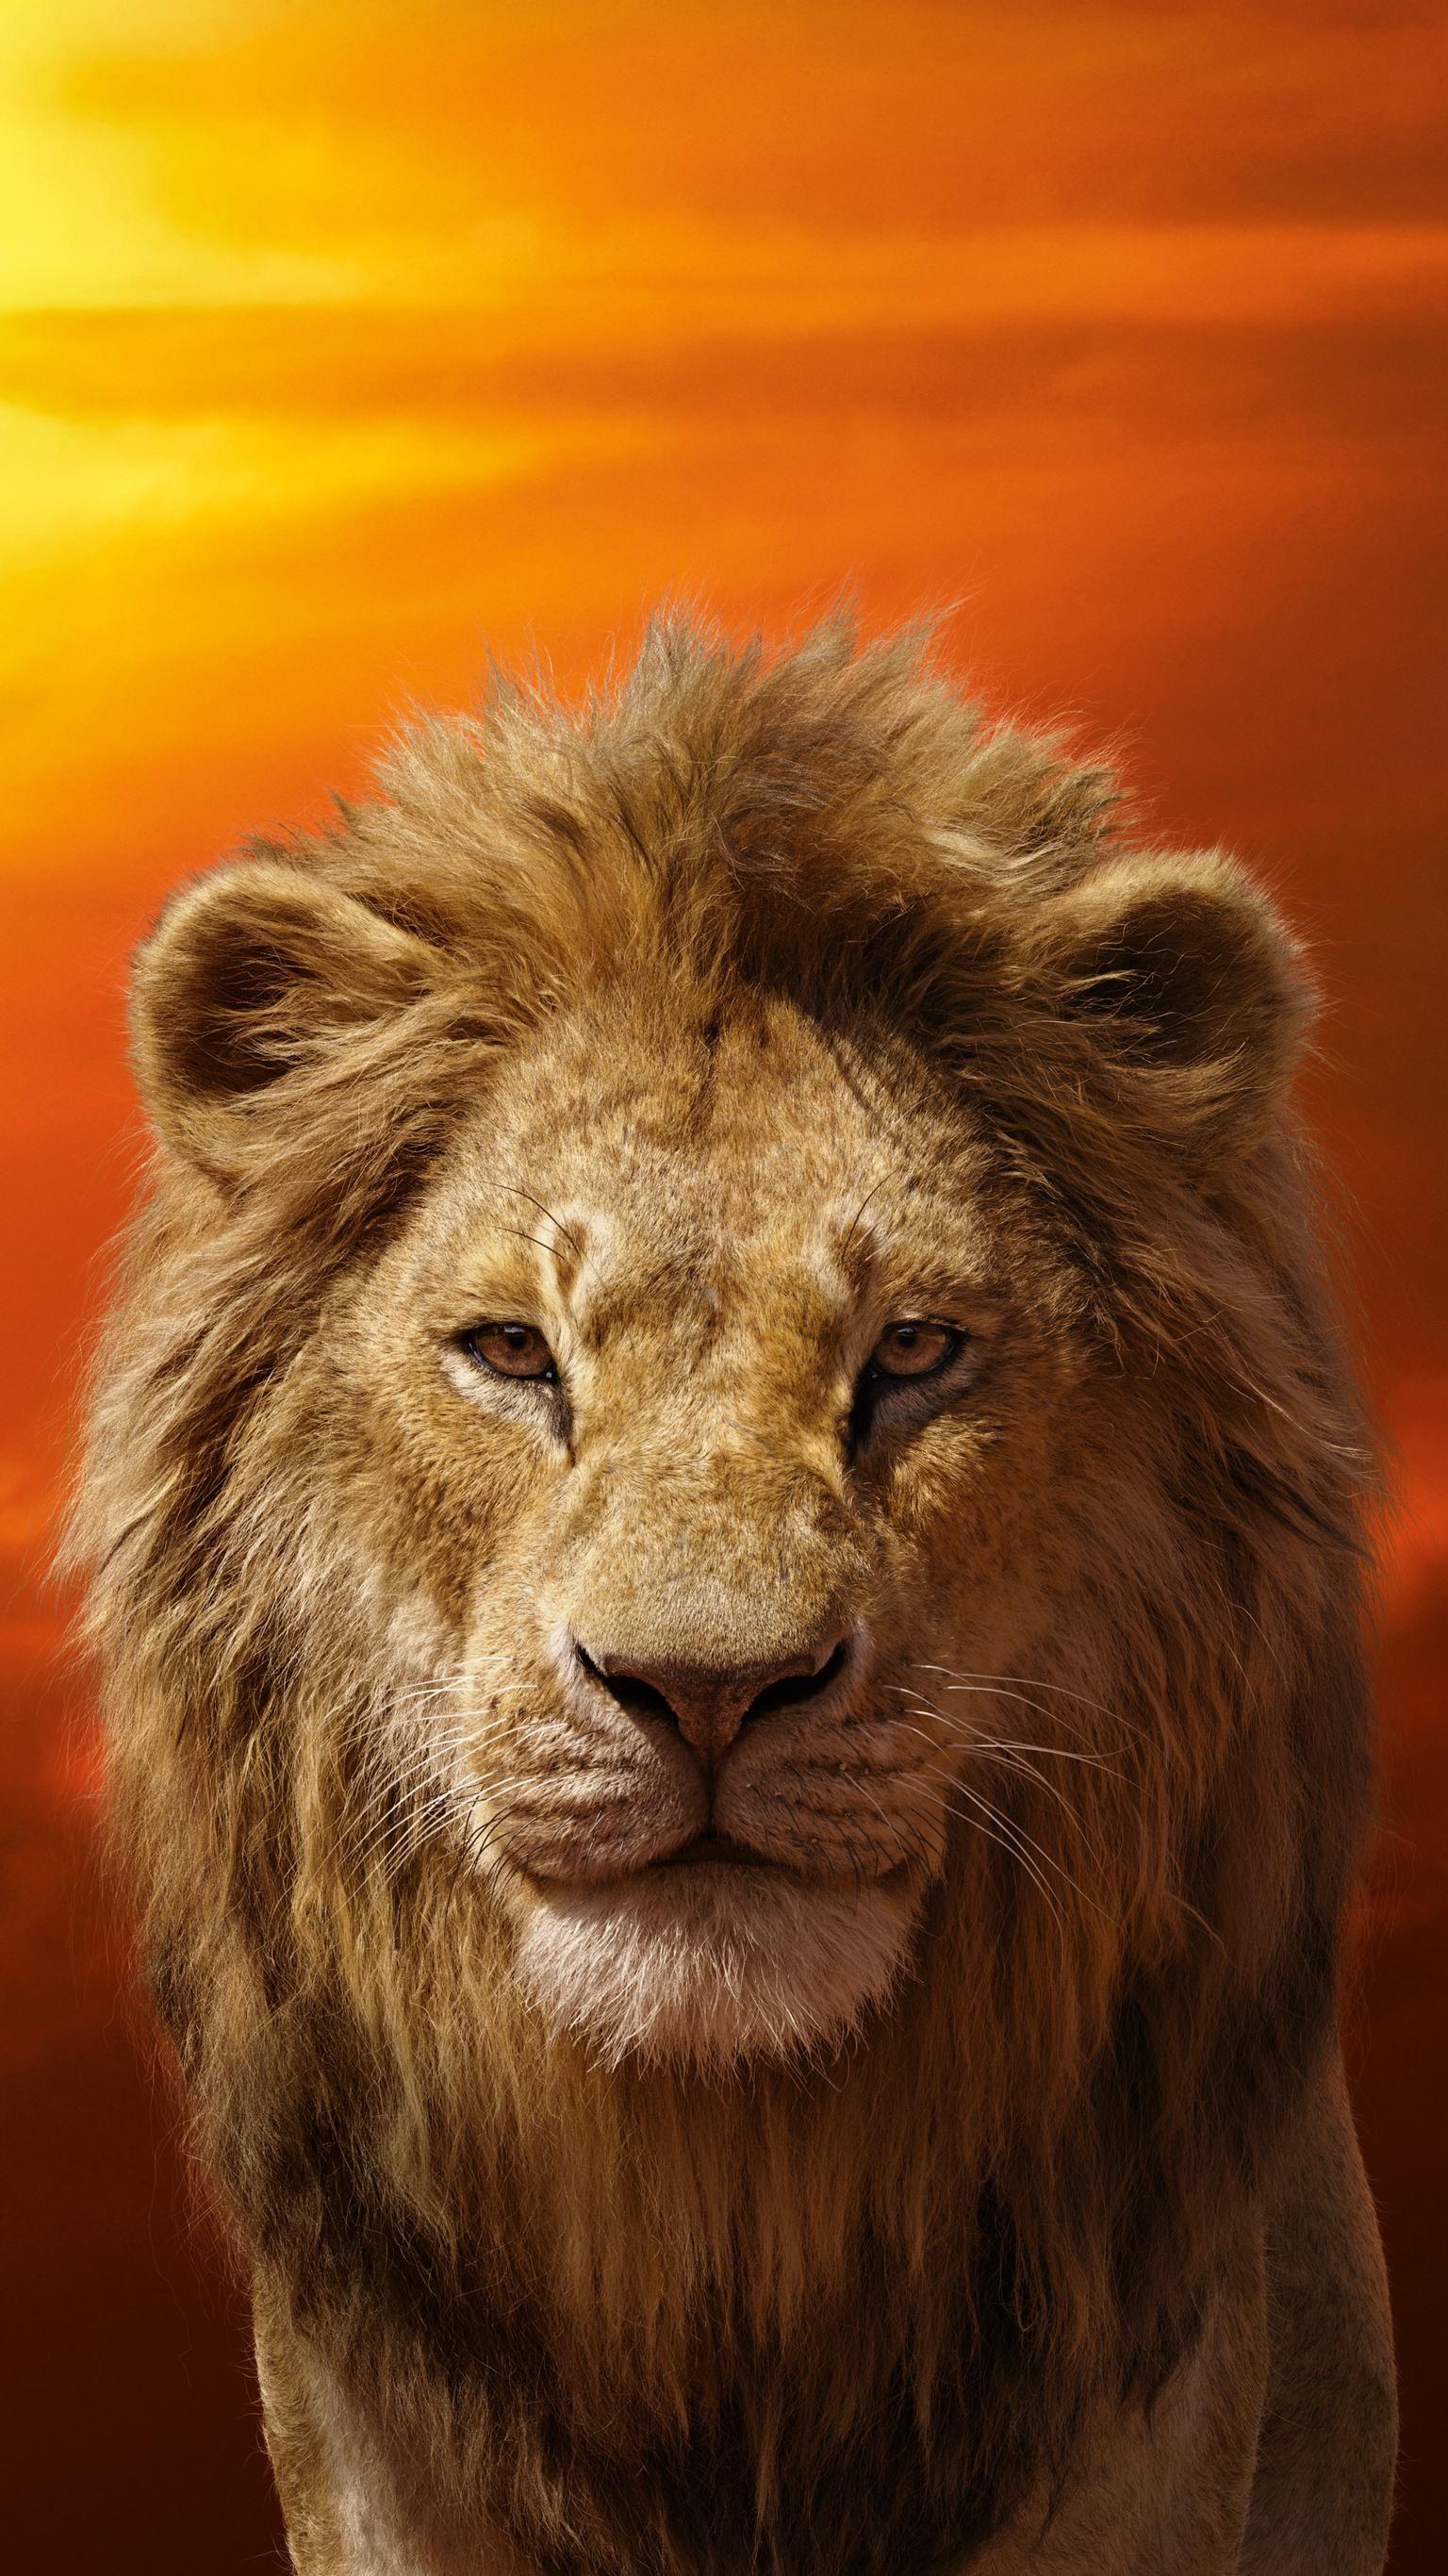 The Lion King 2019 Phone Wallpaper Singa Wallpaper